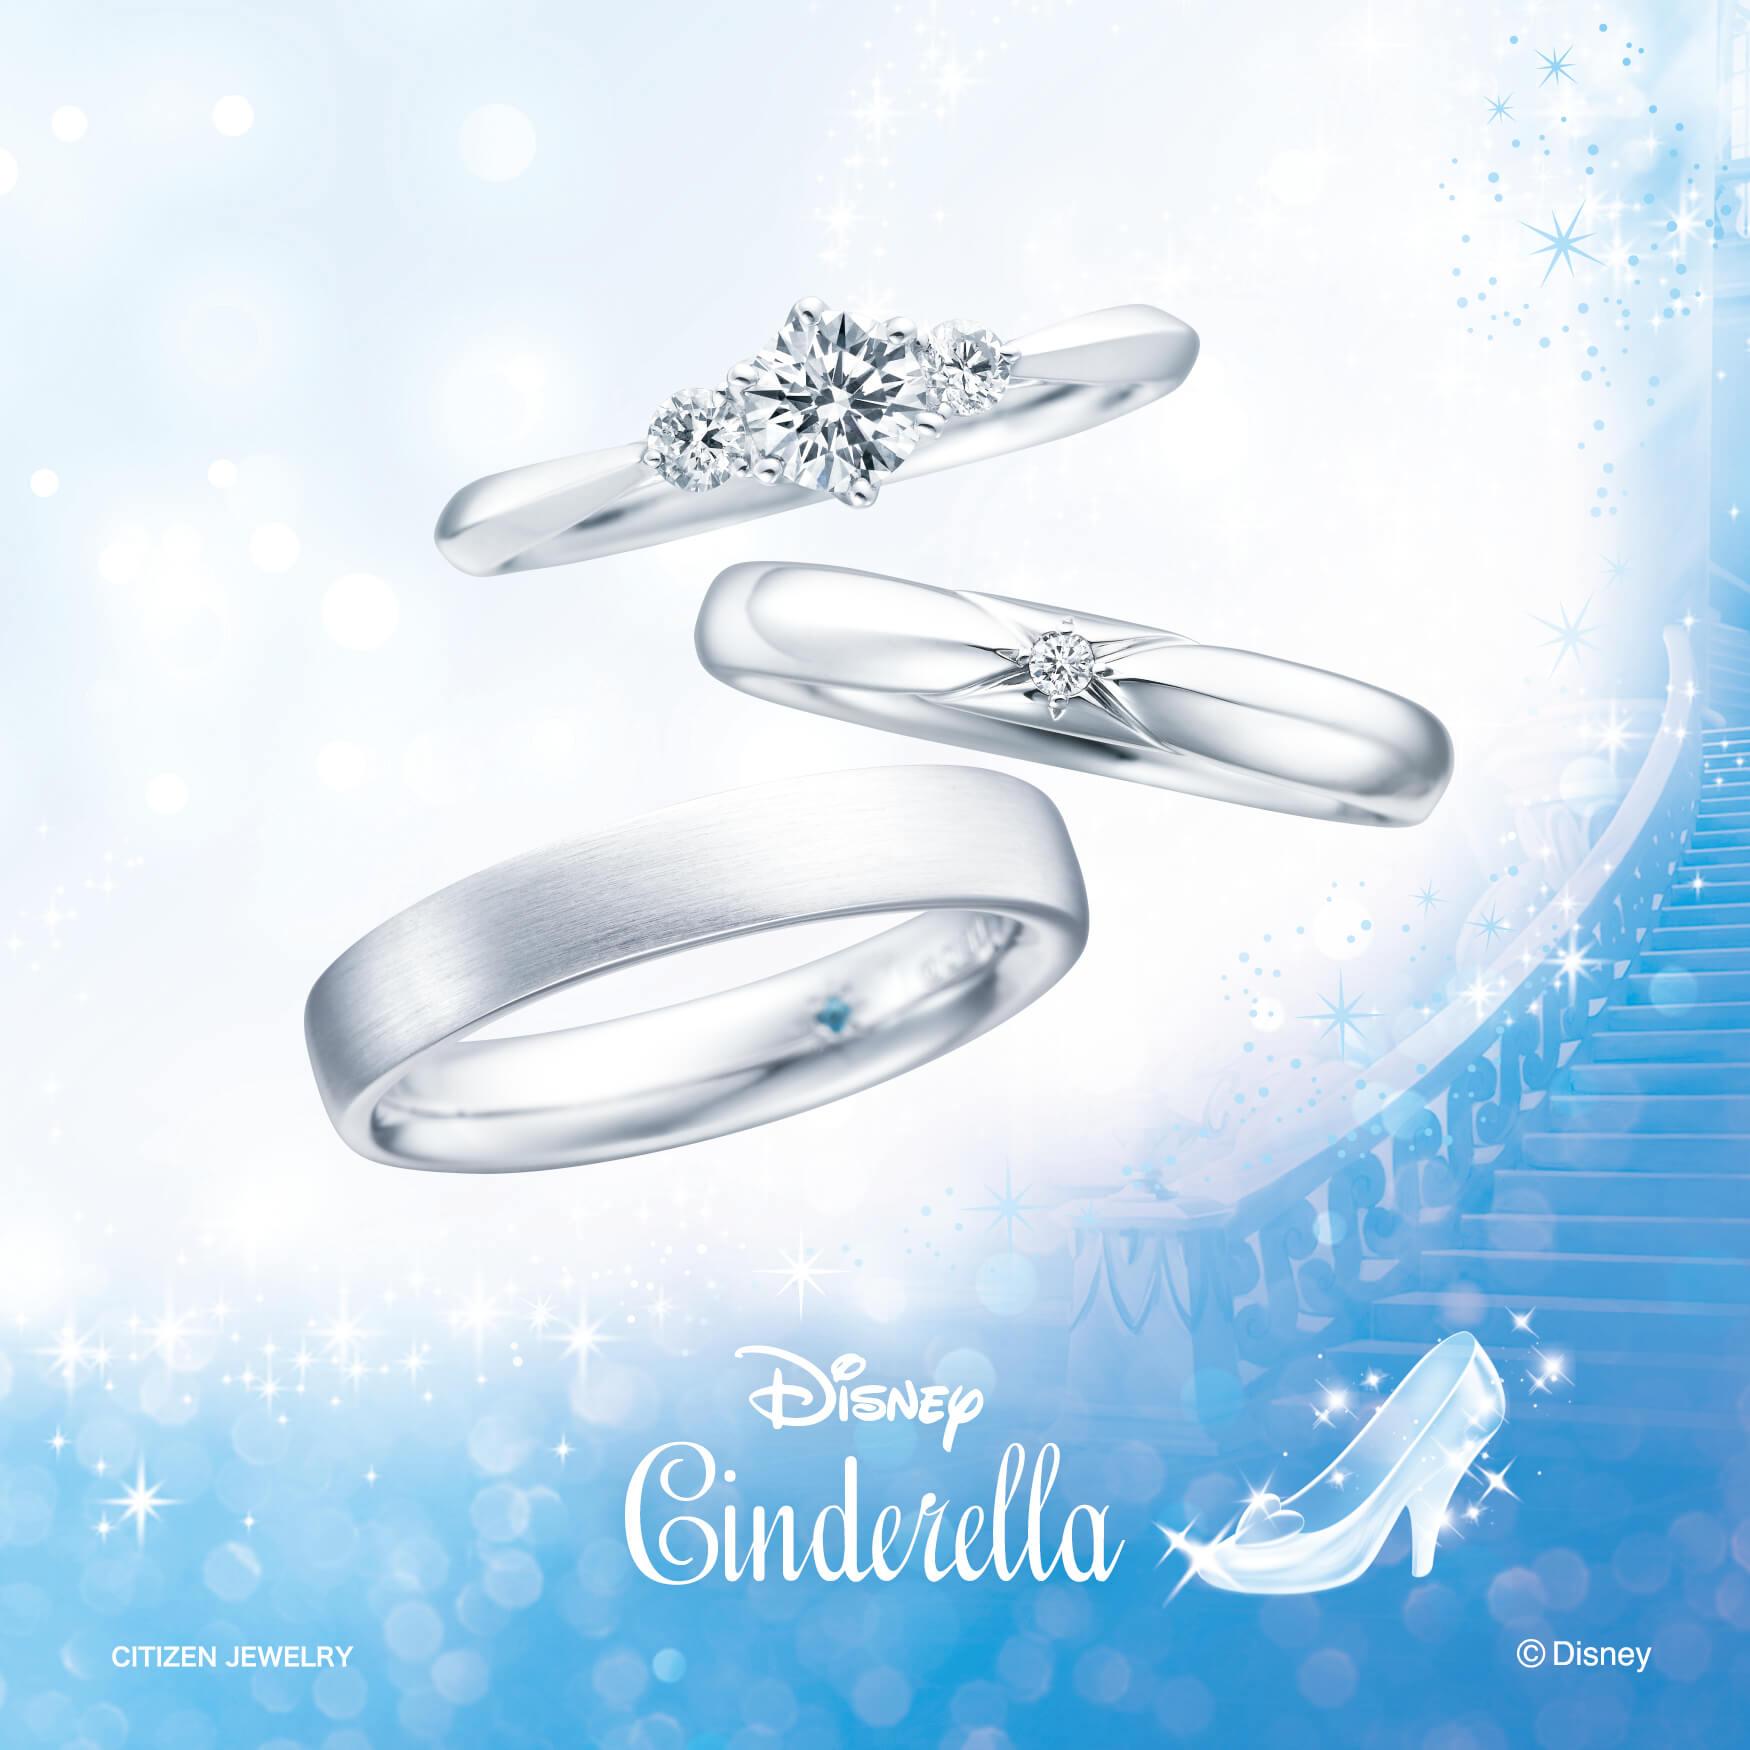 銀座・柏・直方の婚約指輪2018年モデル【新作】Disney Cinderella(ディズニーシンデレラ)_02